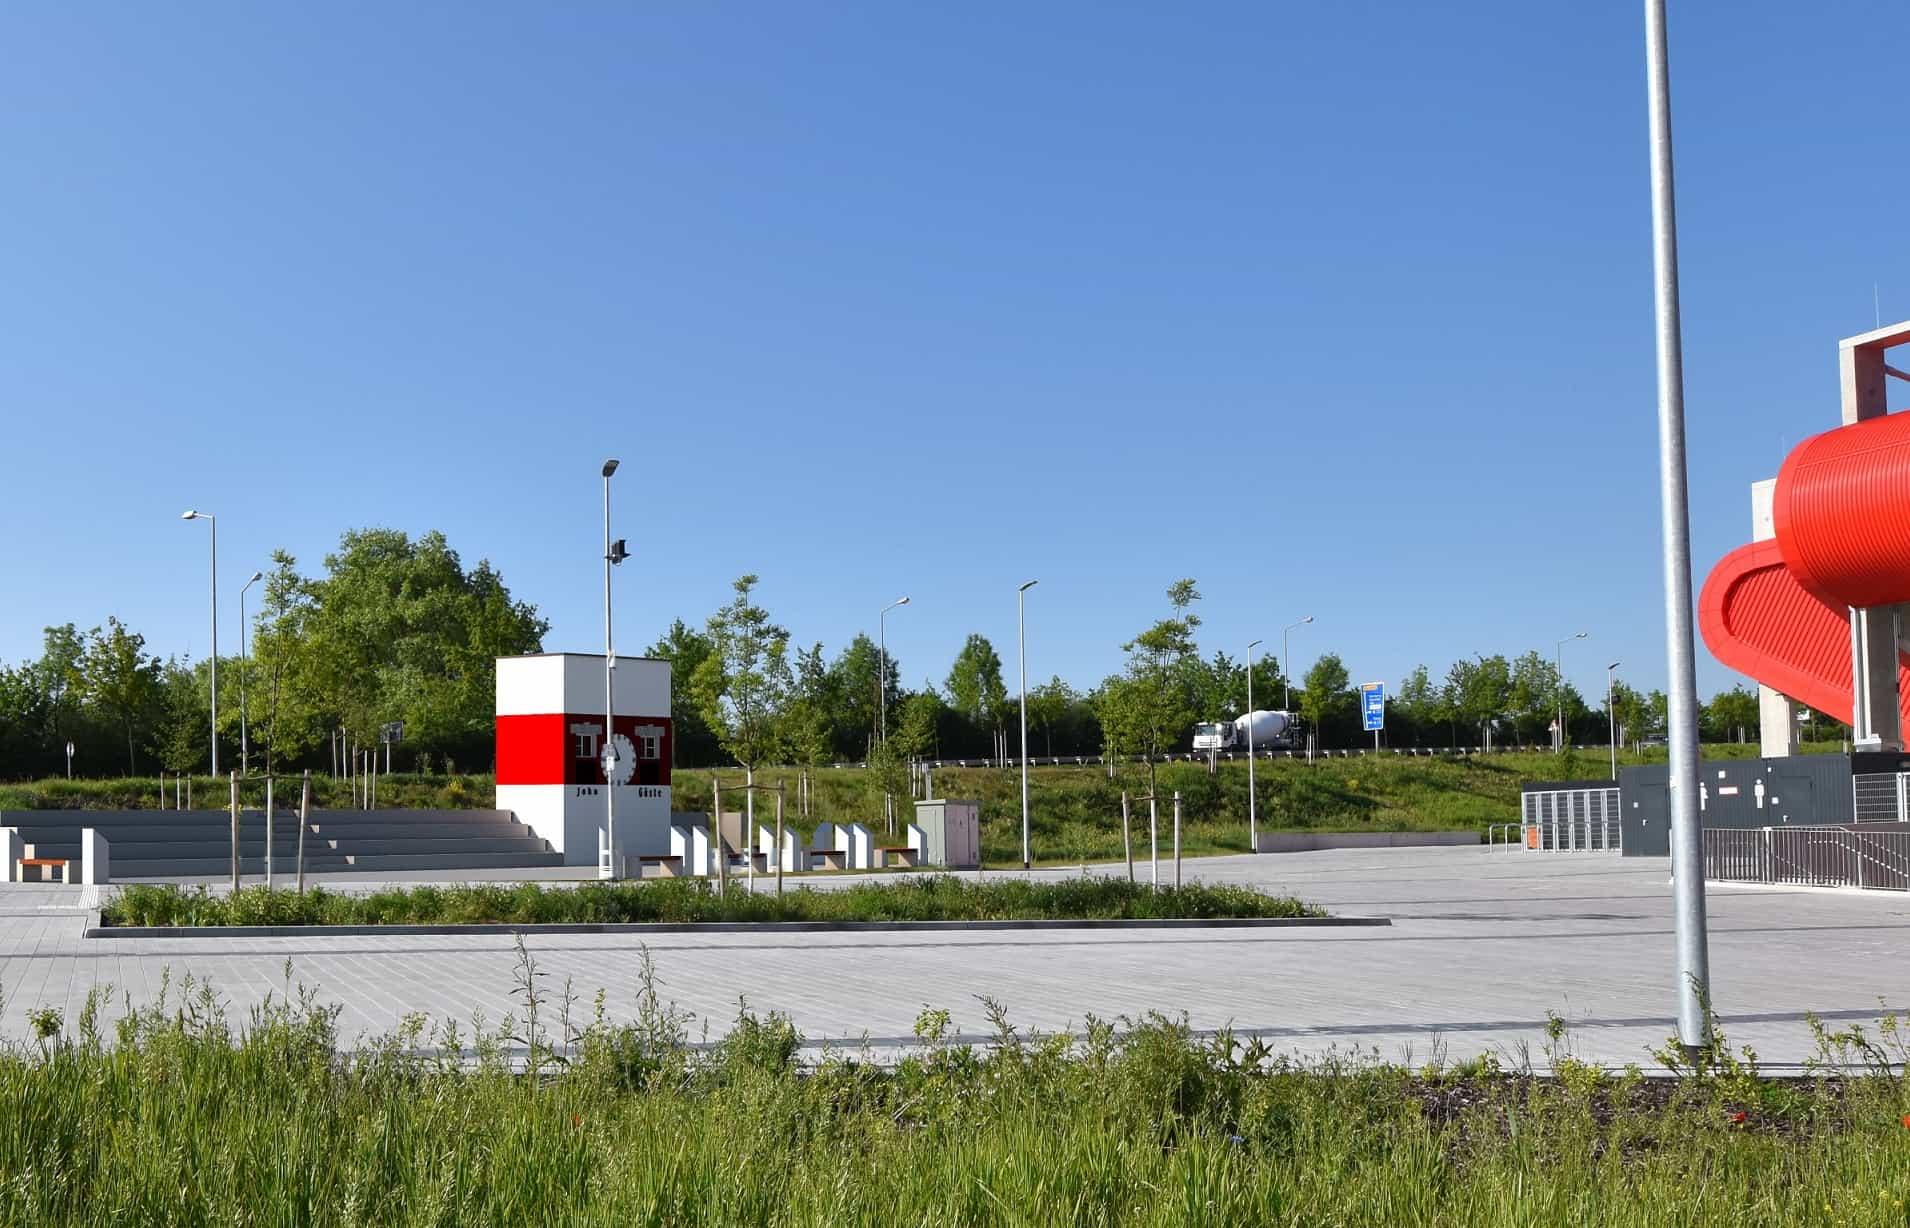 Jahn-Turm als Markenzeichen und Identifikationssymbol